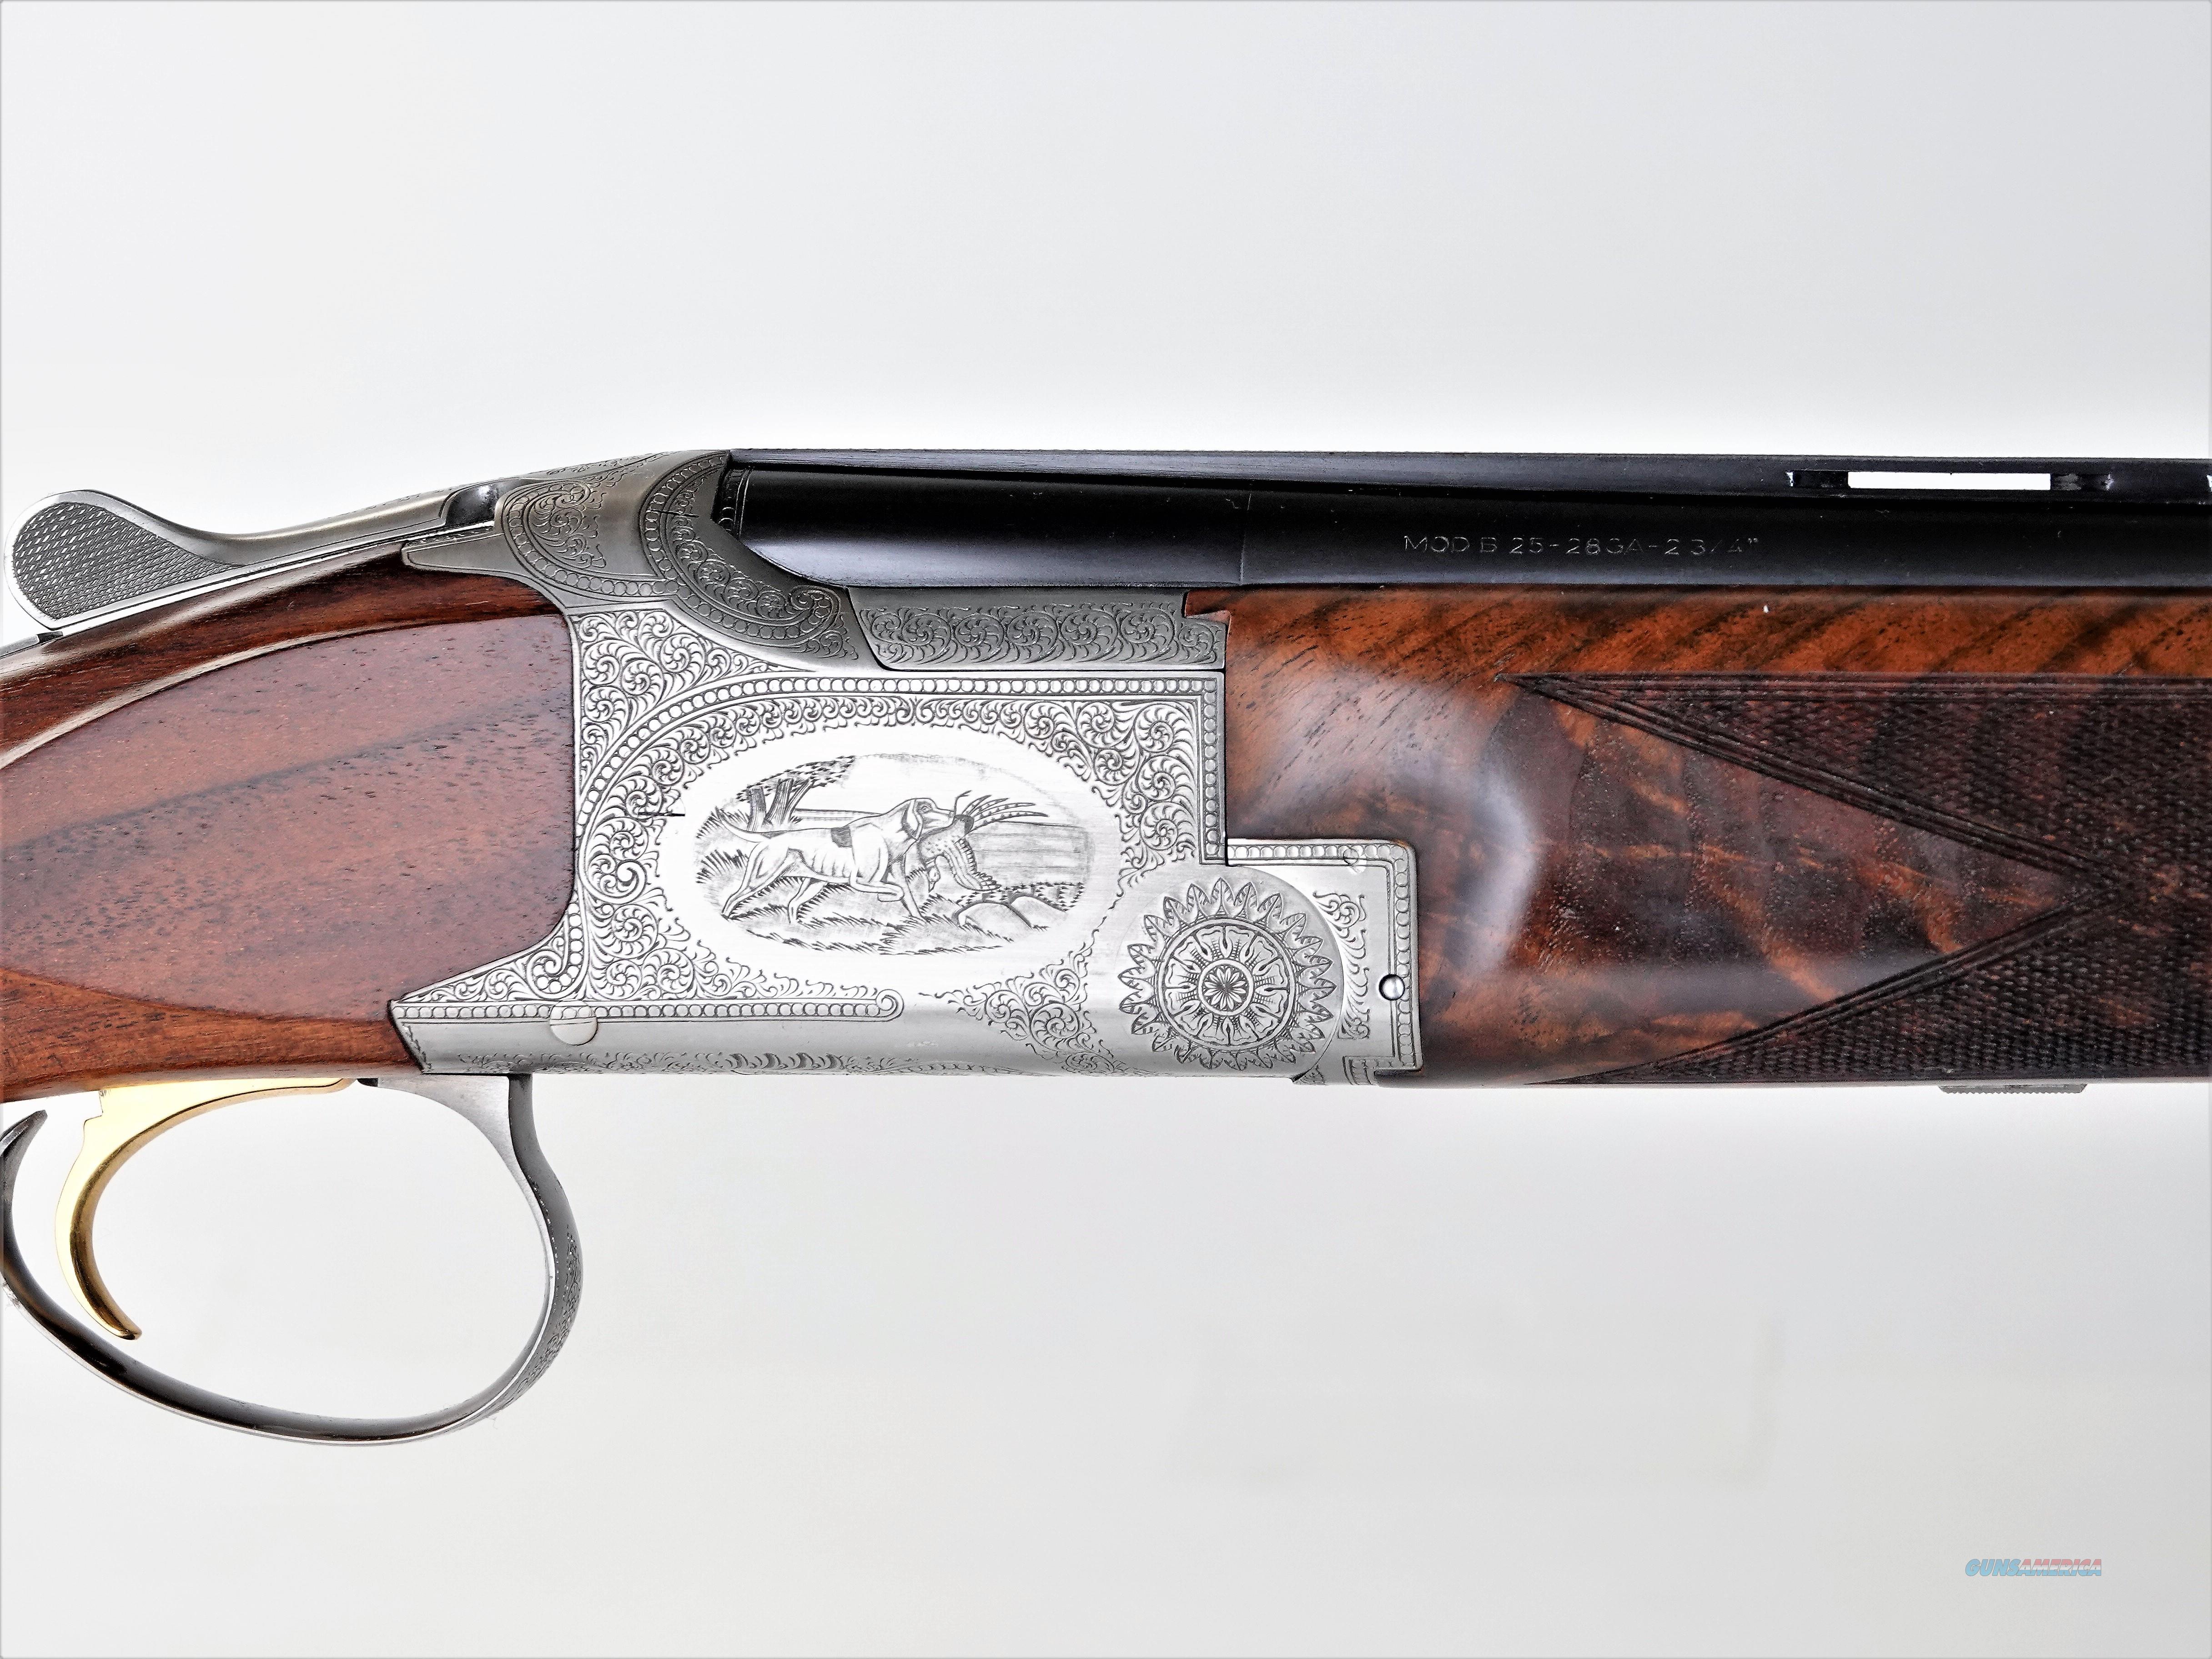 """Browning - Pointer, 28ga. 29 1/2"""" barrels, IM/M choked  Guns > Shotguns > Browning Shotguns > Over Unders > Belgian Manufacture"""